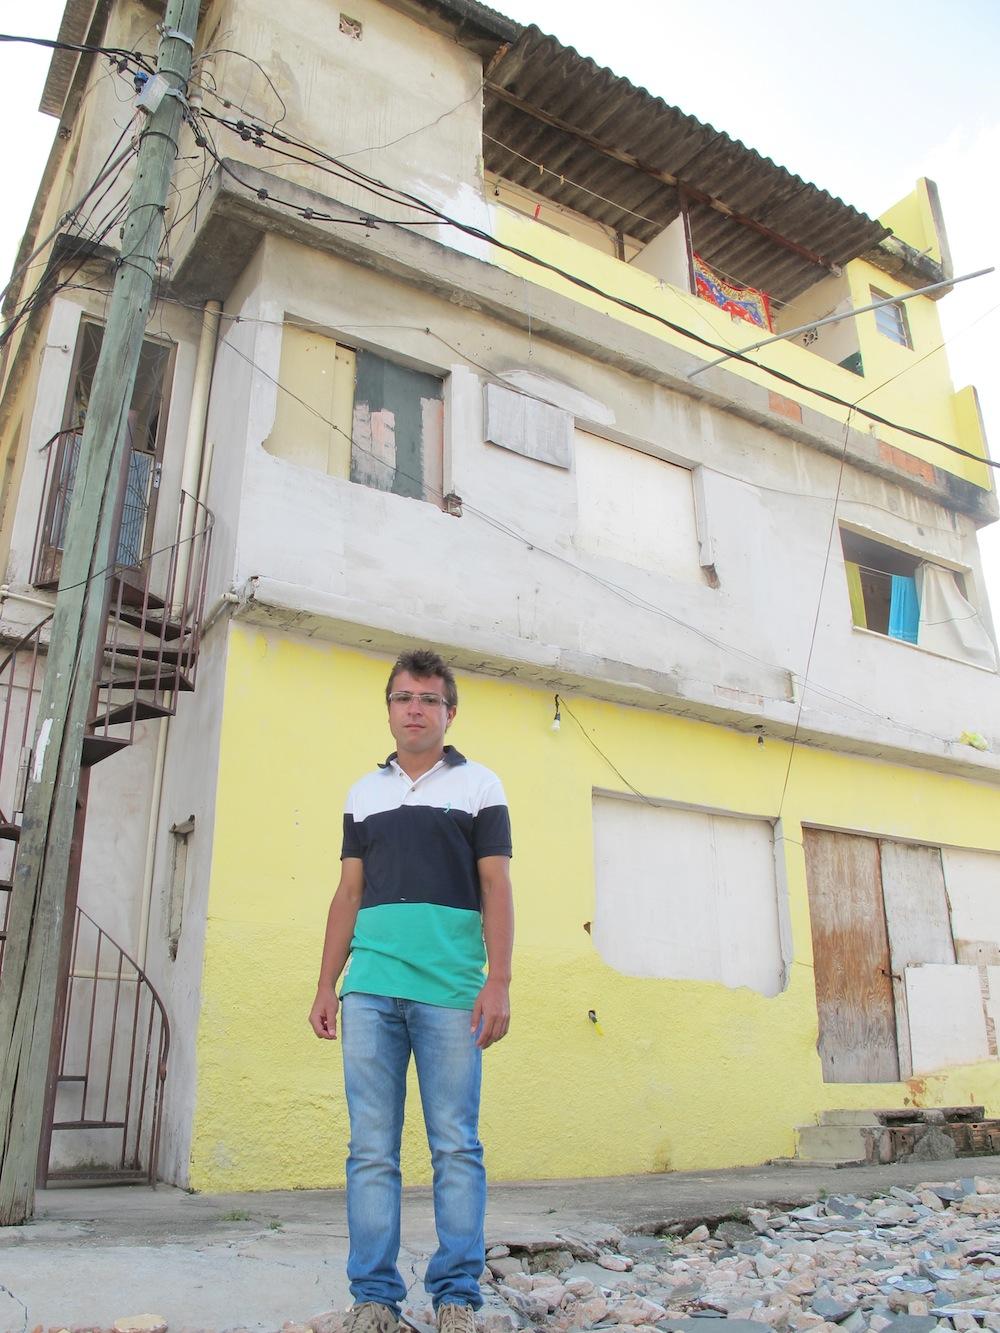 Vandeley em frente a sua casa